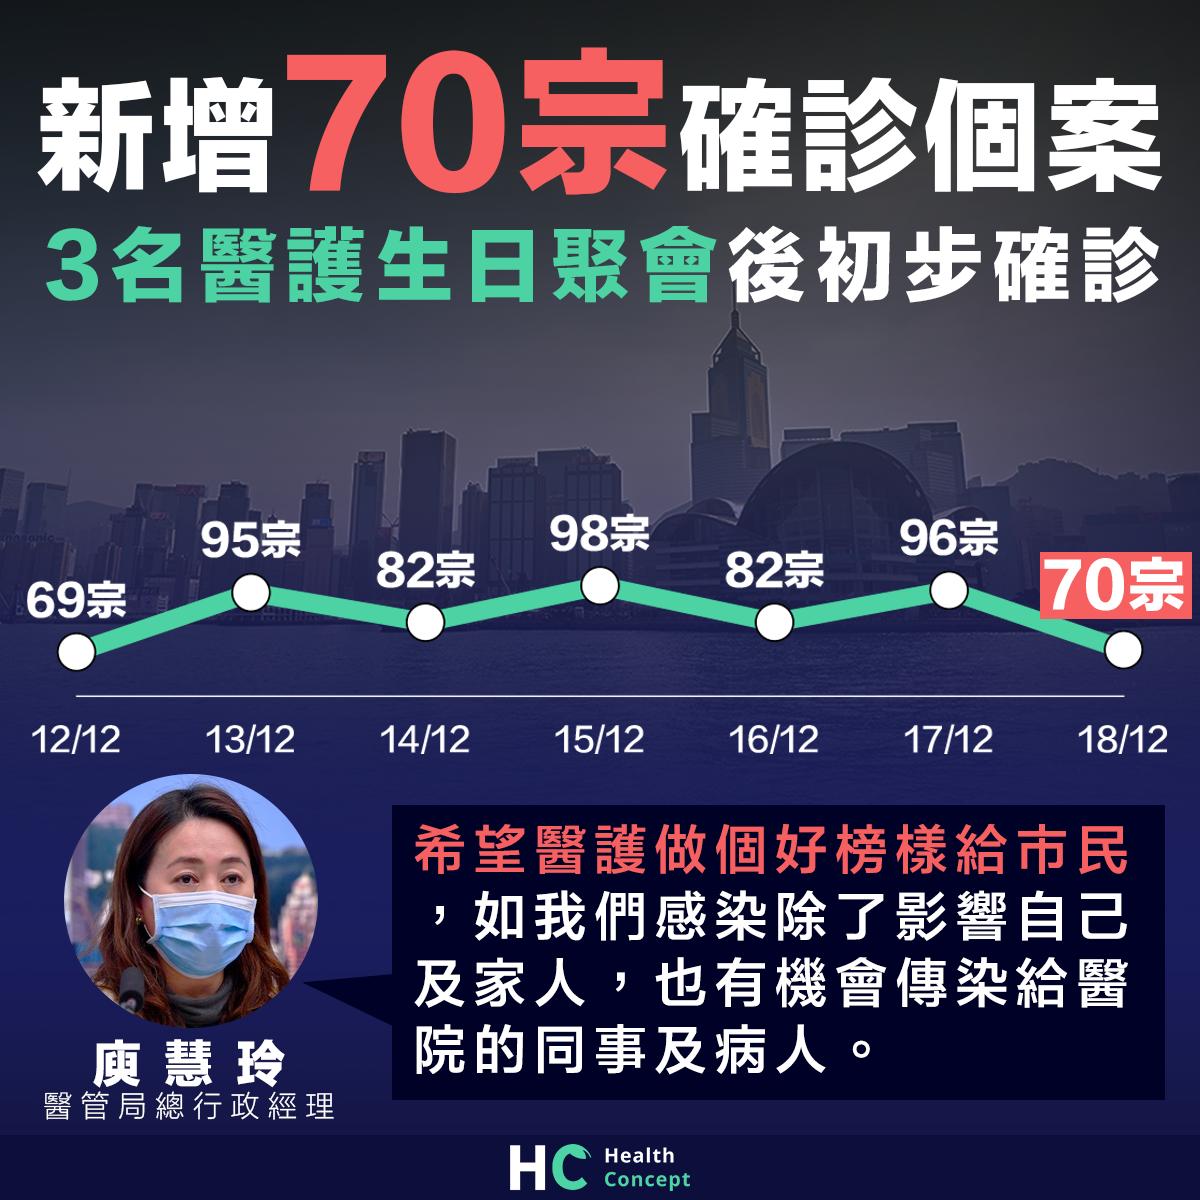 本港增70宗確診個案 3名醫護生日聚會後初步確診